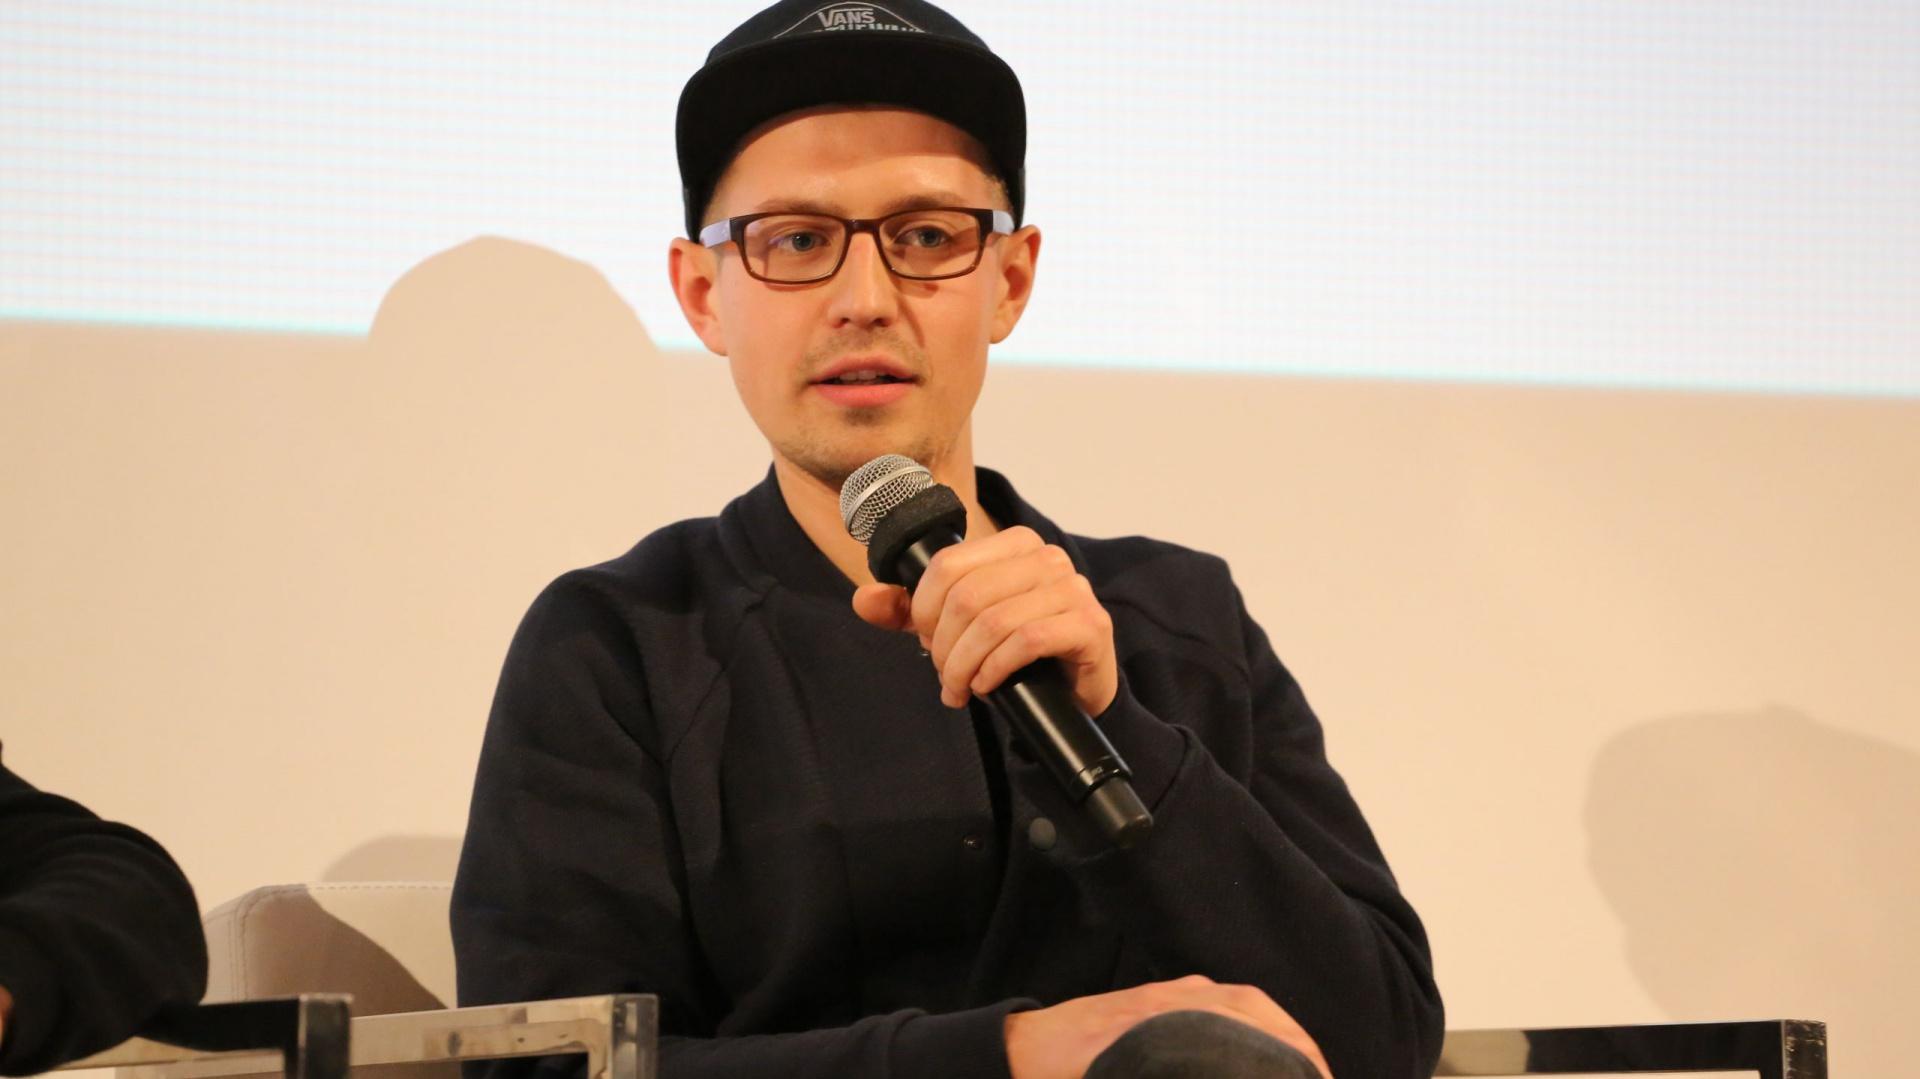 Nikodem Szpunar opisał się jako przedstawiciel młodego pokolenia projektantów i bronił stwierdzenia, że dla młodych i zdolnych ludzi Polski rynek wciąż jest trudnym obszarem do zdobycia pracy. Fot. Bartosz Jarosz.